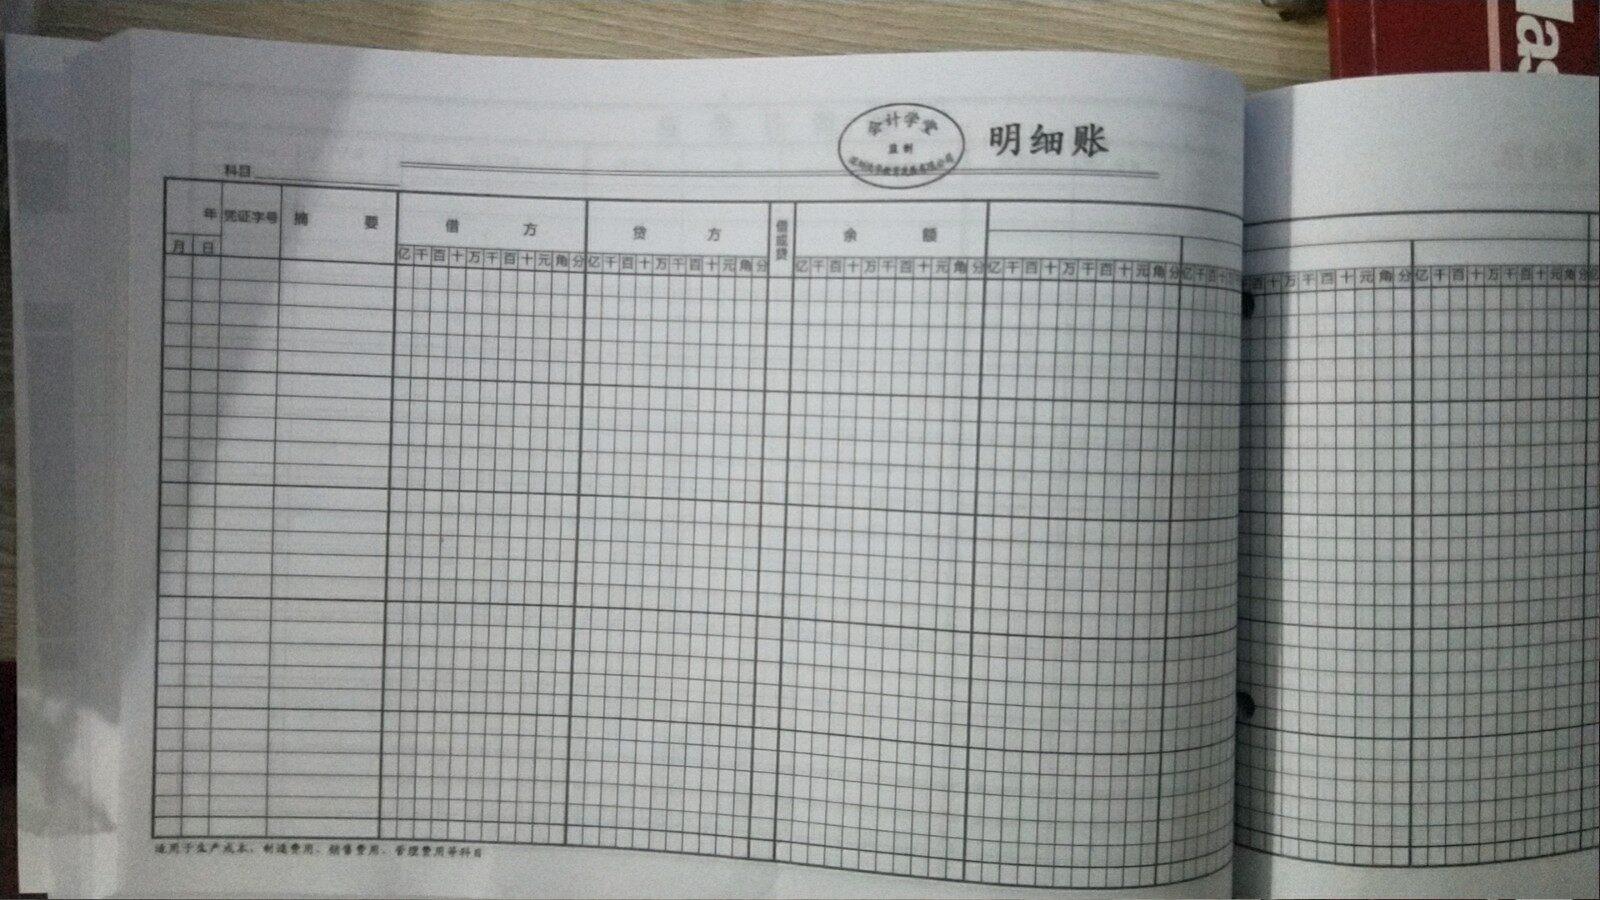 那我看那个就是网课上面的。表跟那个就是我收到的那本本子的,里面的表不一样的。